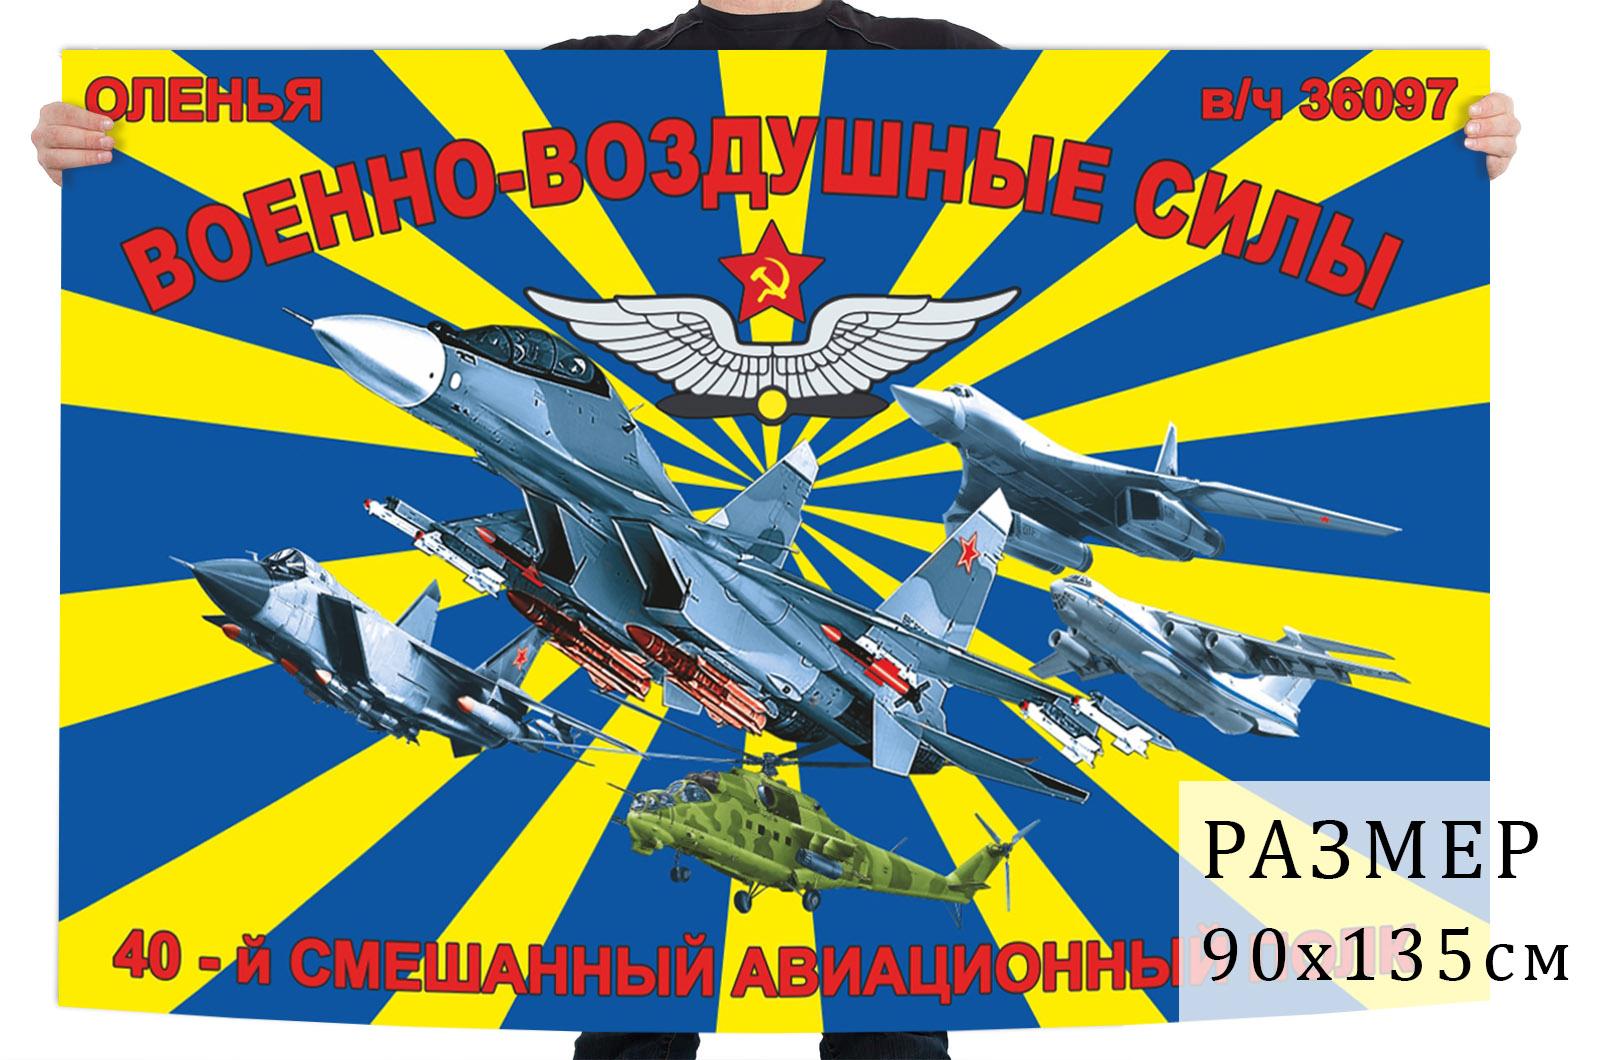 Флаг 40 смешанного авиационного полка